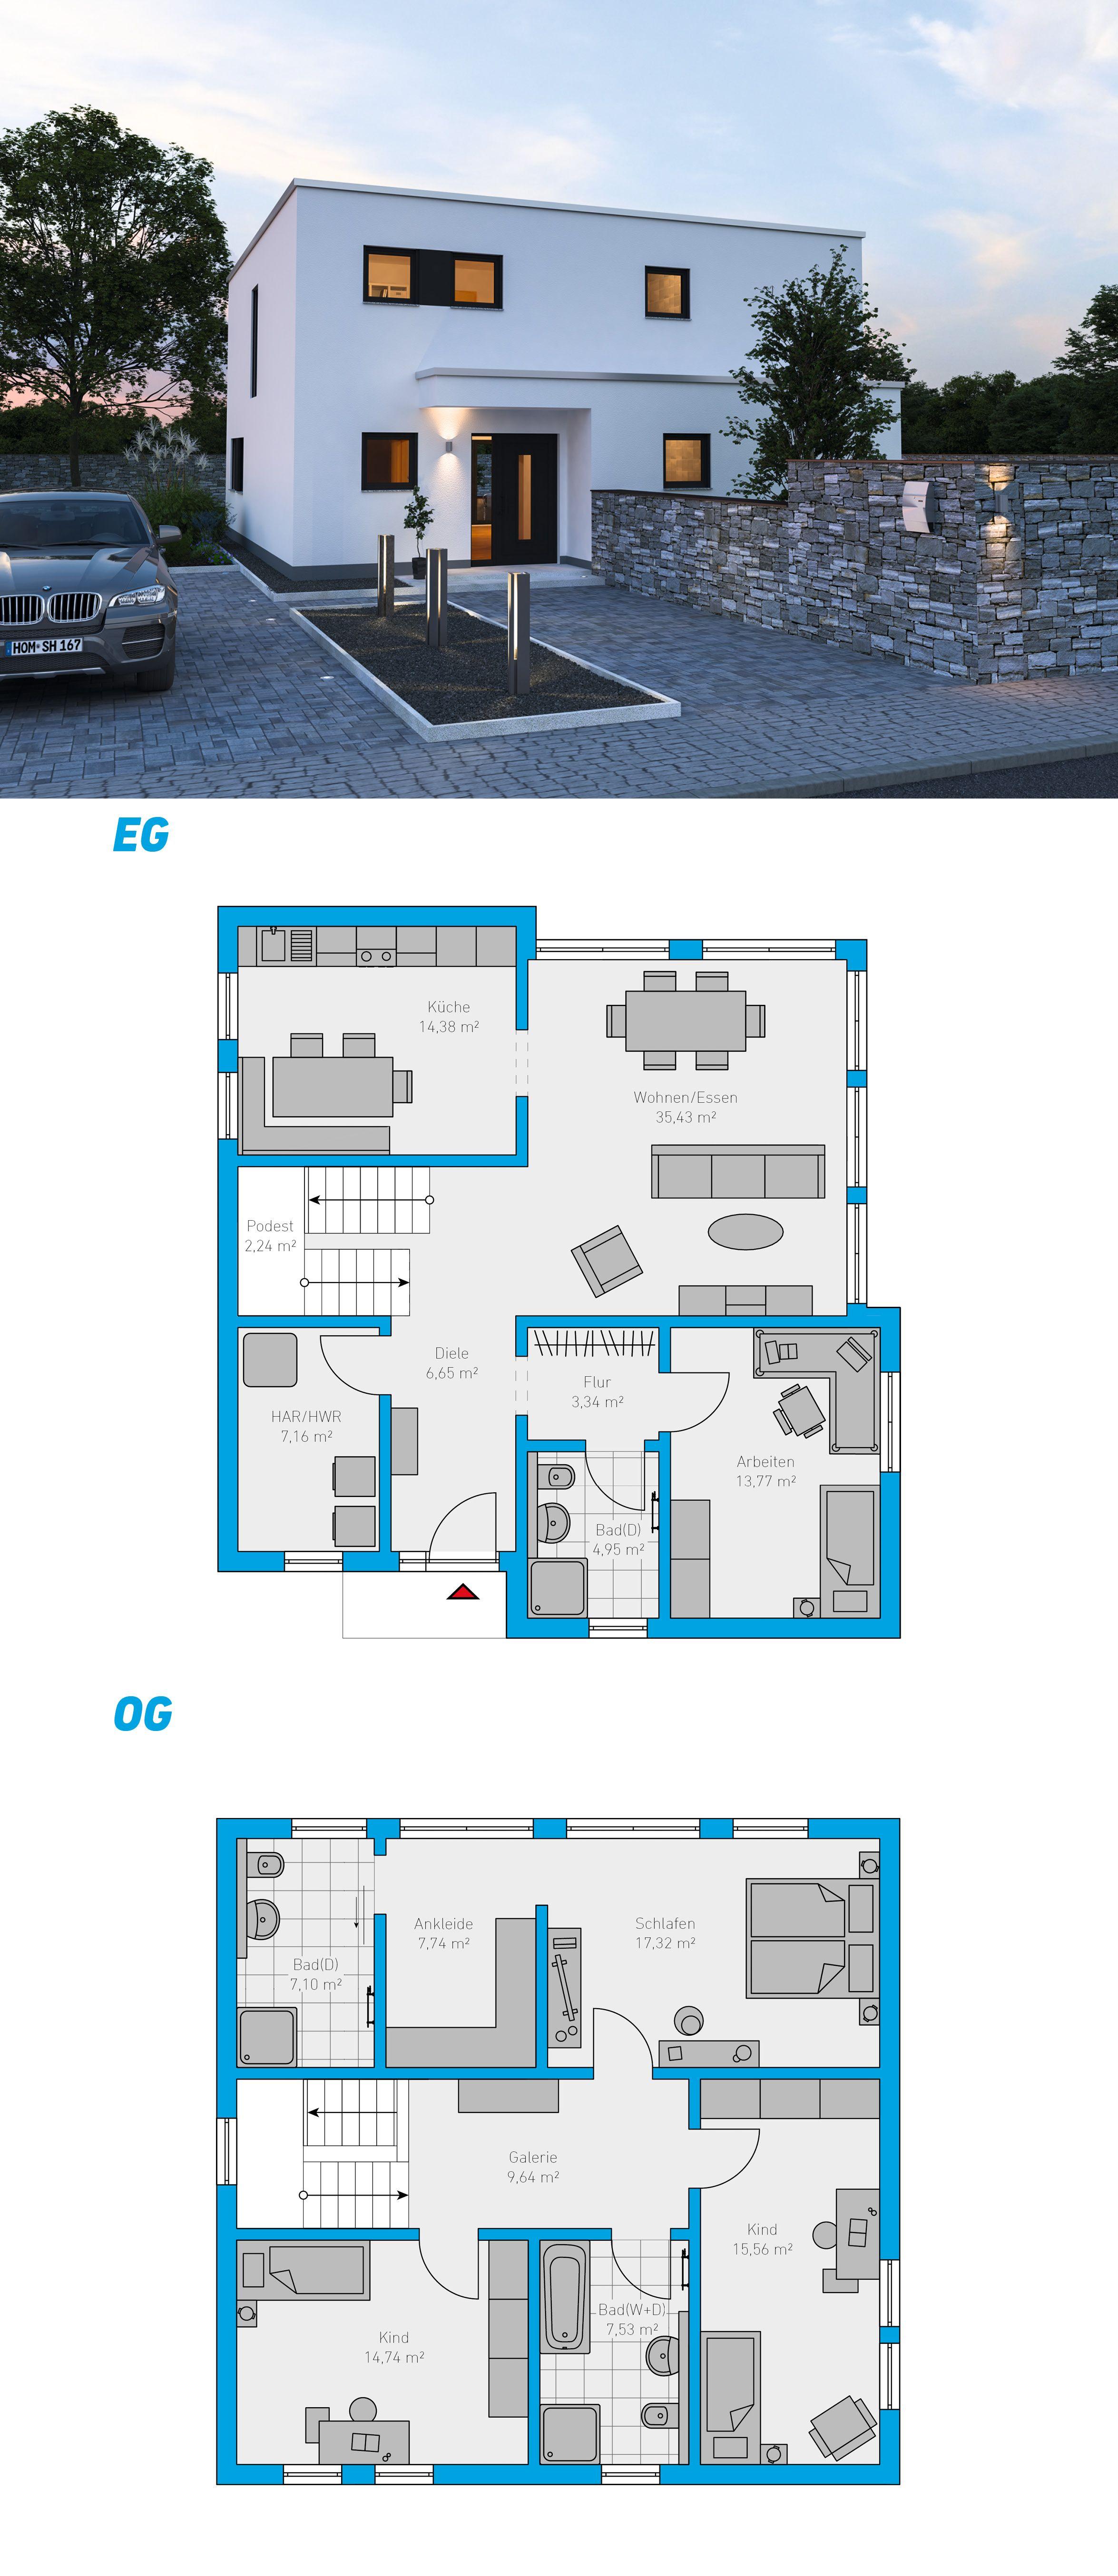 Alea 168 Schlusselfertiges Massivhaus 2 Geschossig Spektralhaus Ingutenwanden 2geschossig Grundriss Haus Architektur Hausbau Grundriss Architektur Haus